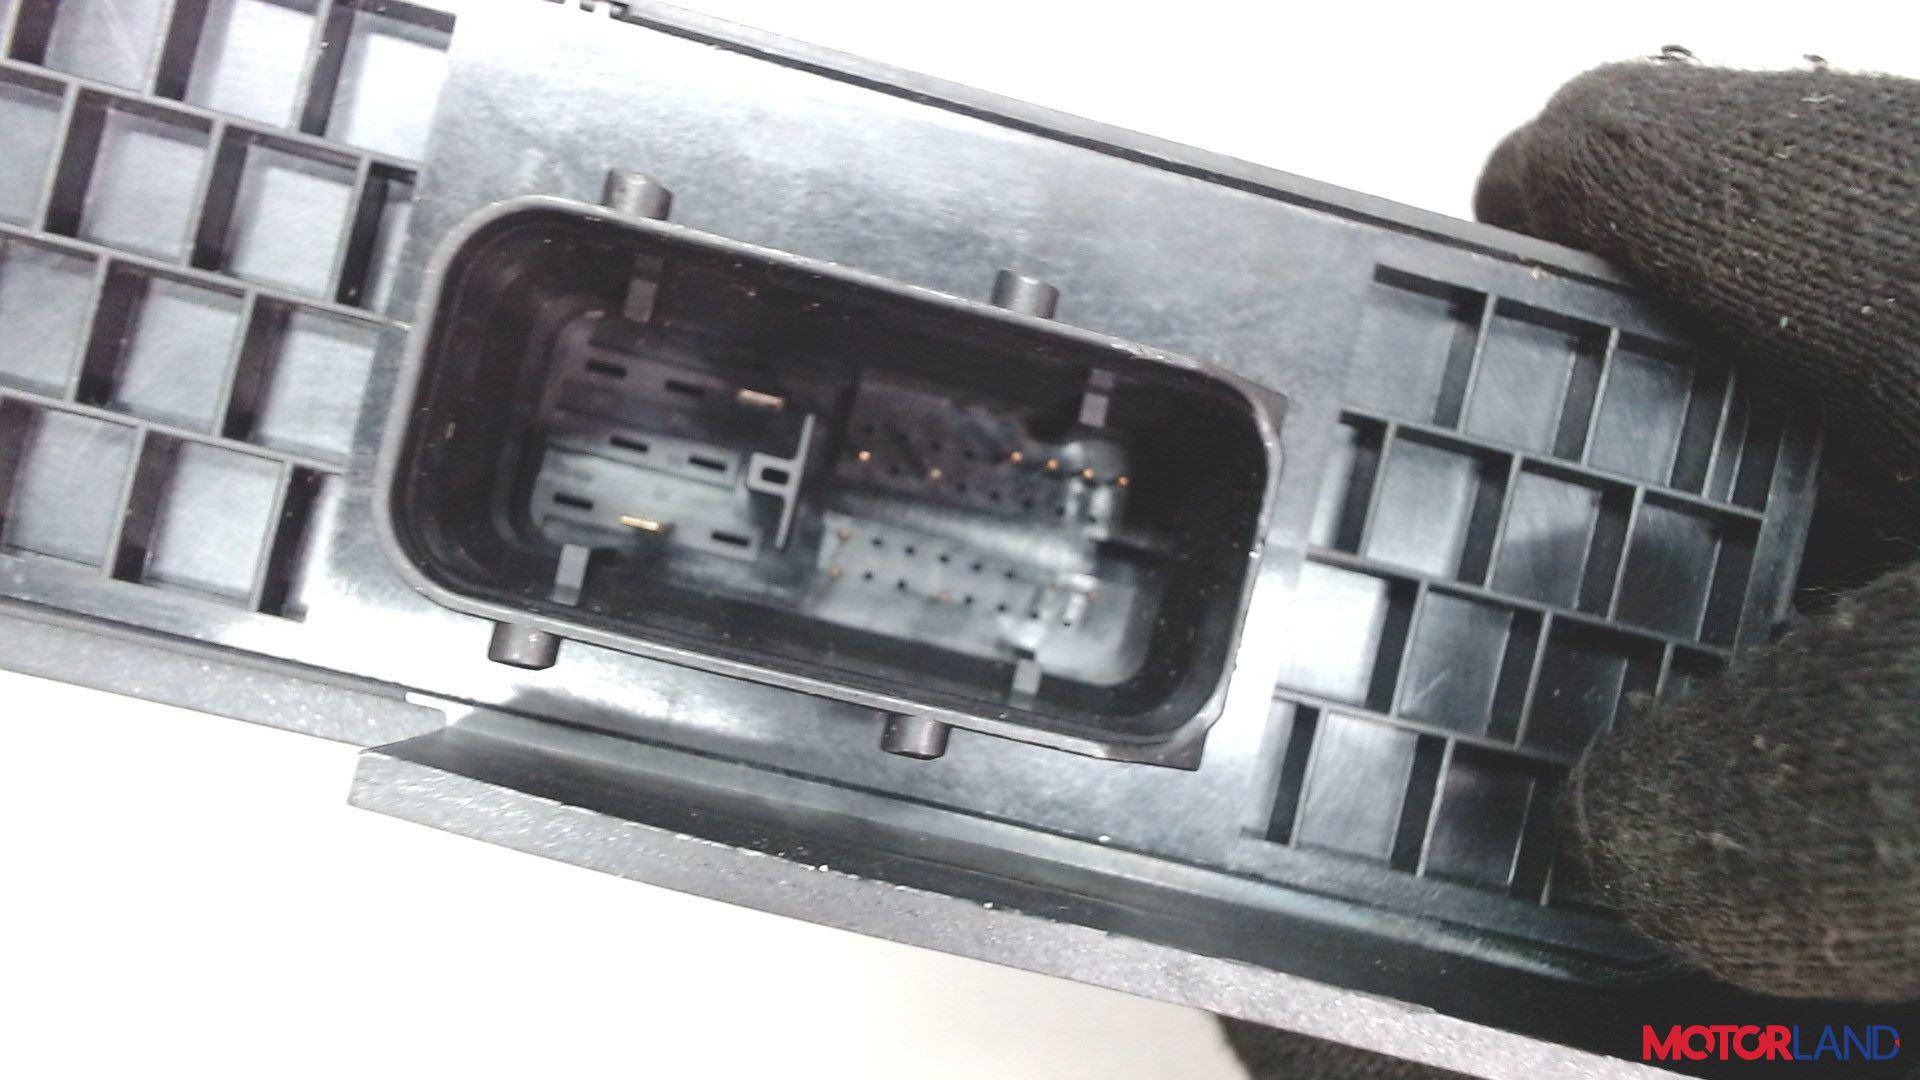 Блок управления (ЭБУ) Audi A6 (C6) 2005-2011 2 л. 2009 CAGB б/у #3